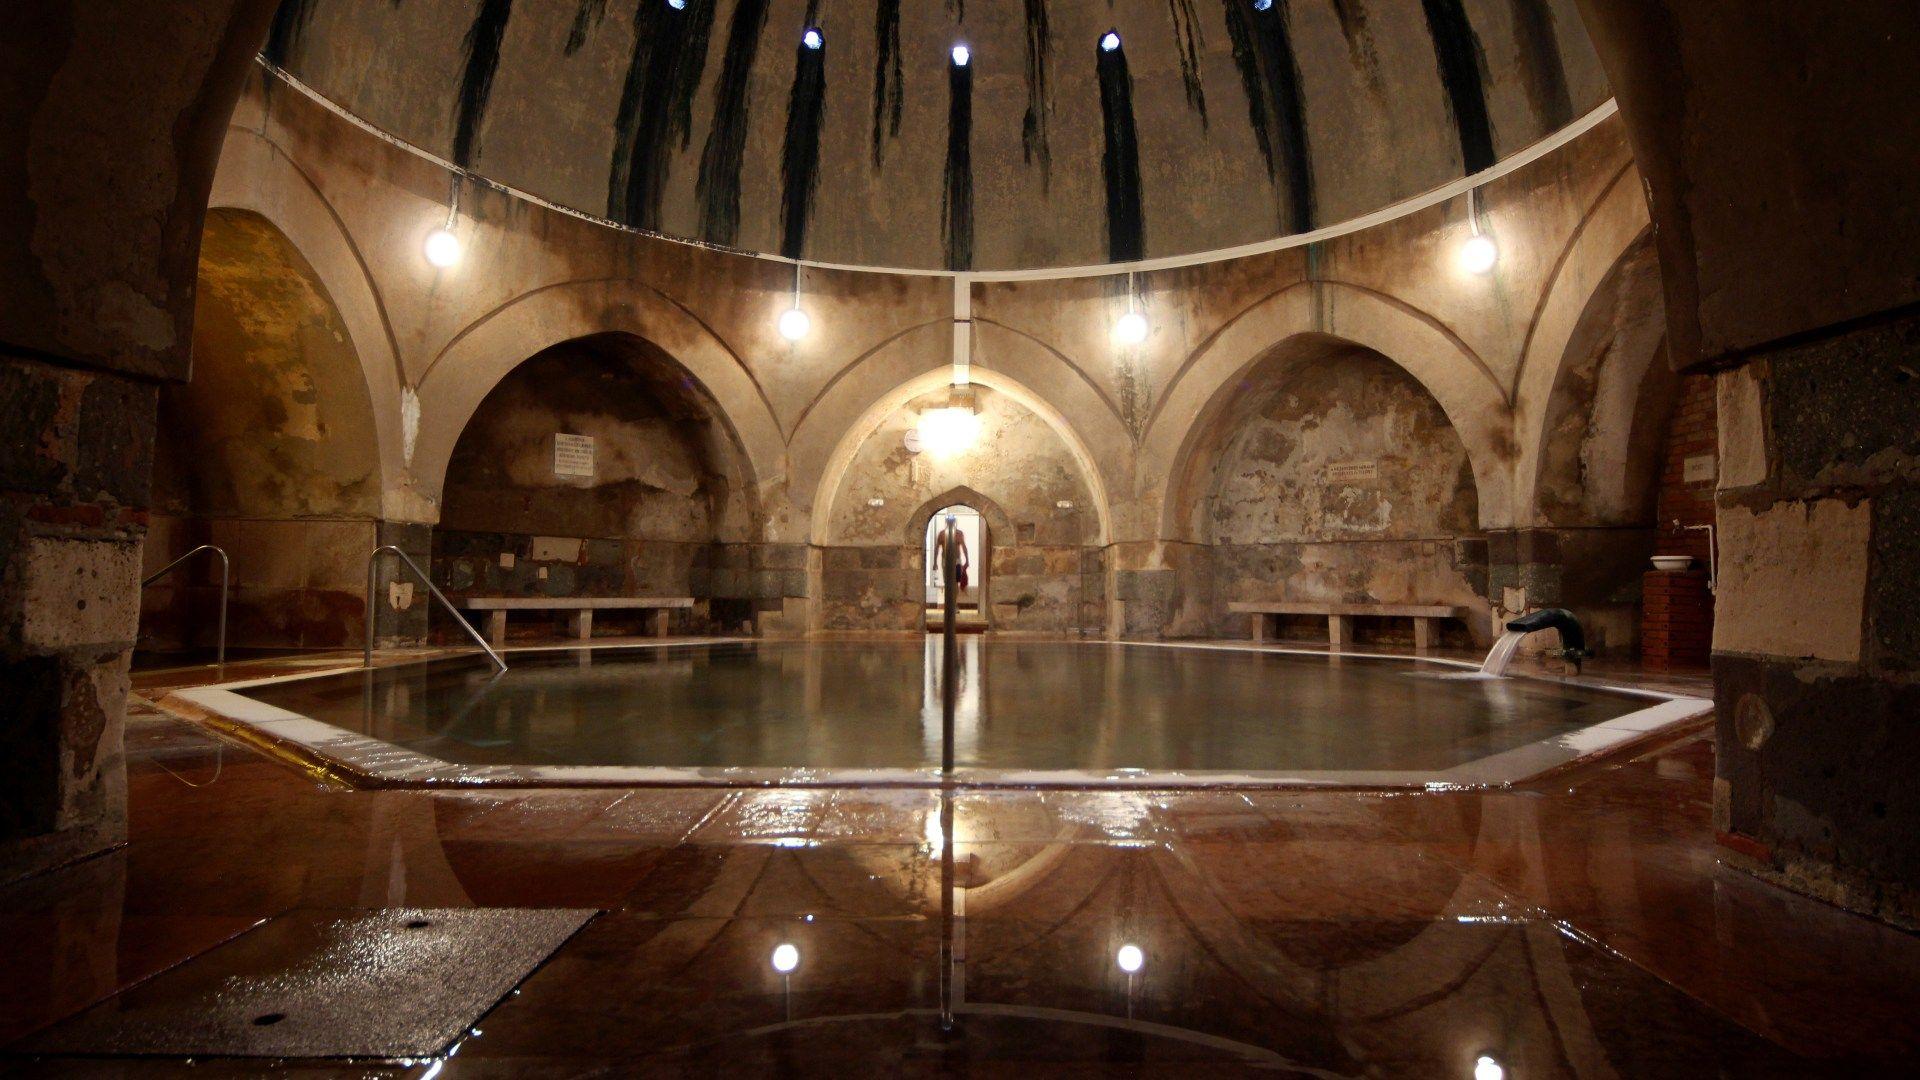 Λουτρά Κίραλι (Kiraly baths), Βουδαπέστη, Ουγγαρία, Ευρώπη